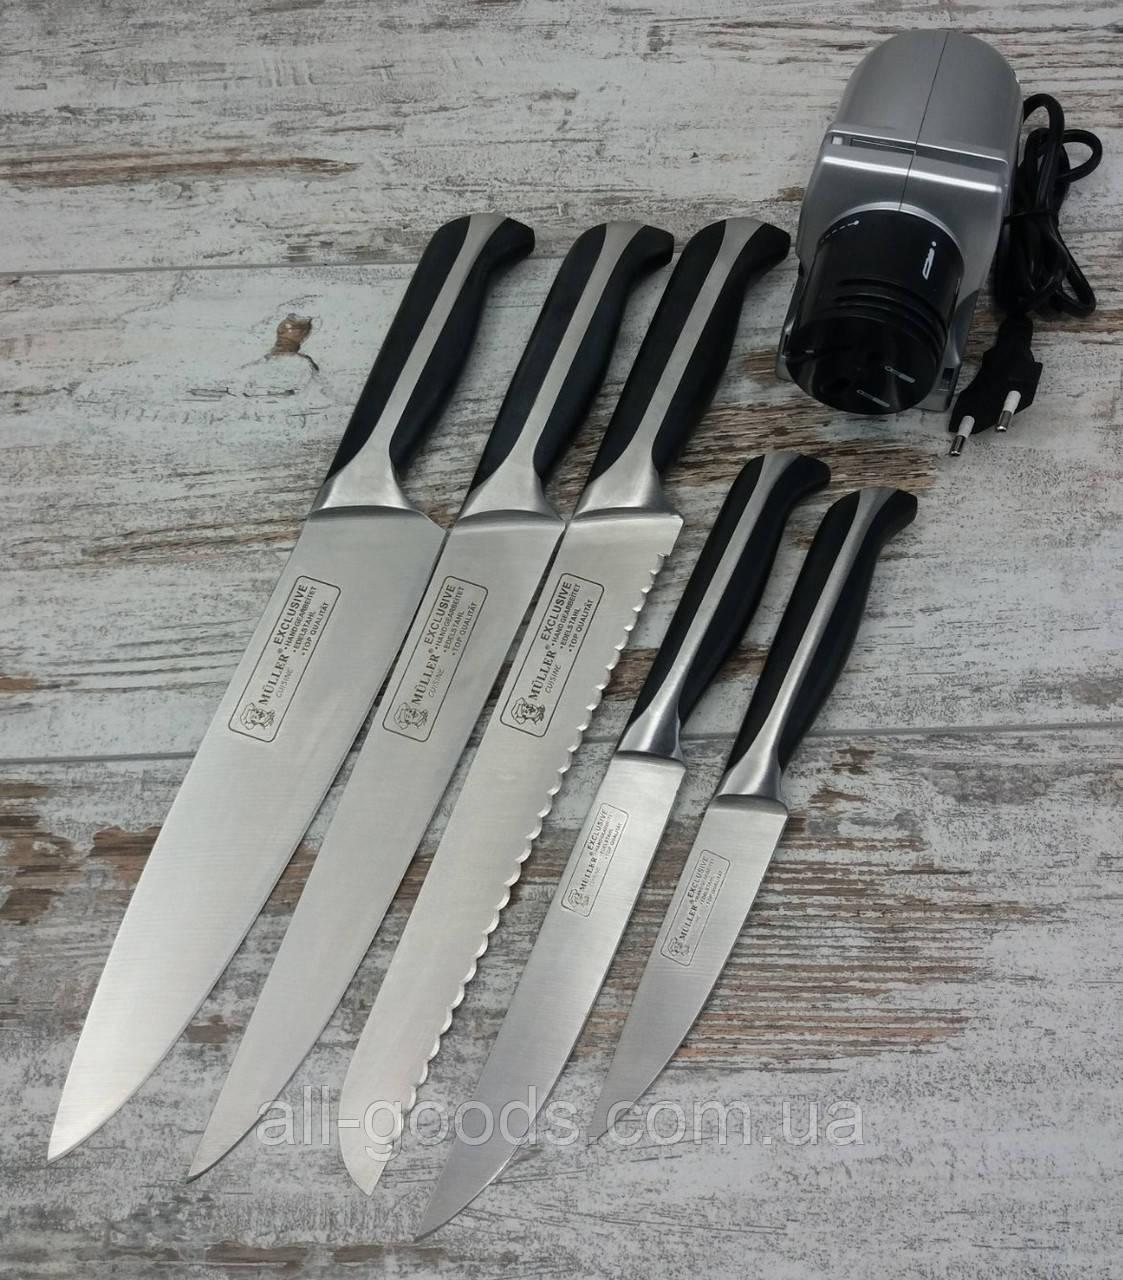 Электрическая точилка для заточки ножей Sharpener в комплекте с набором кухонных ножей Muller 5 шт All